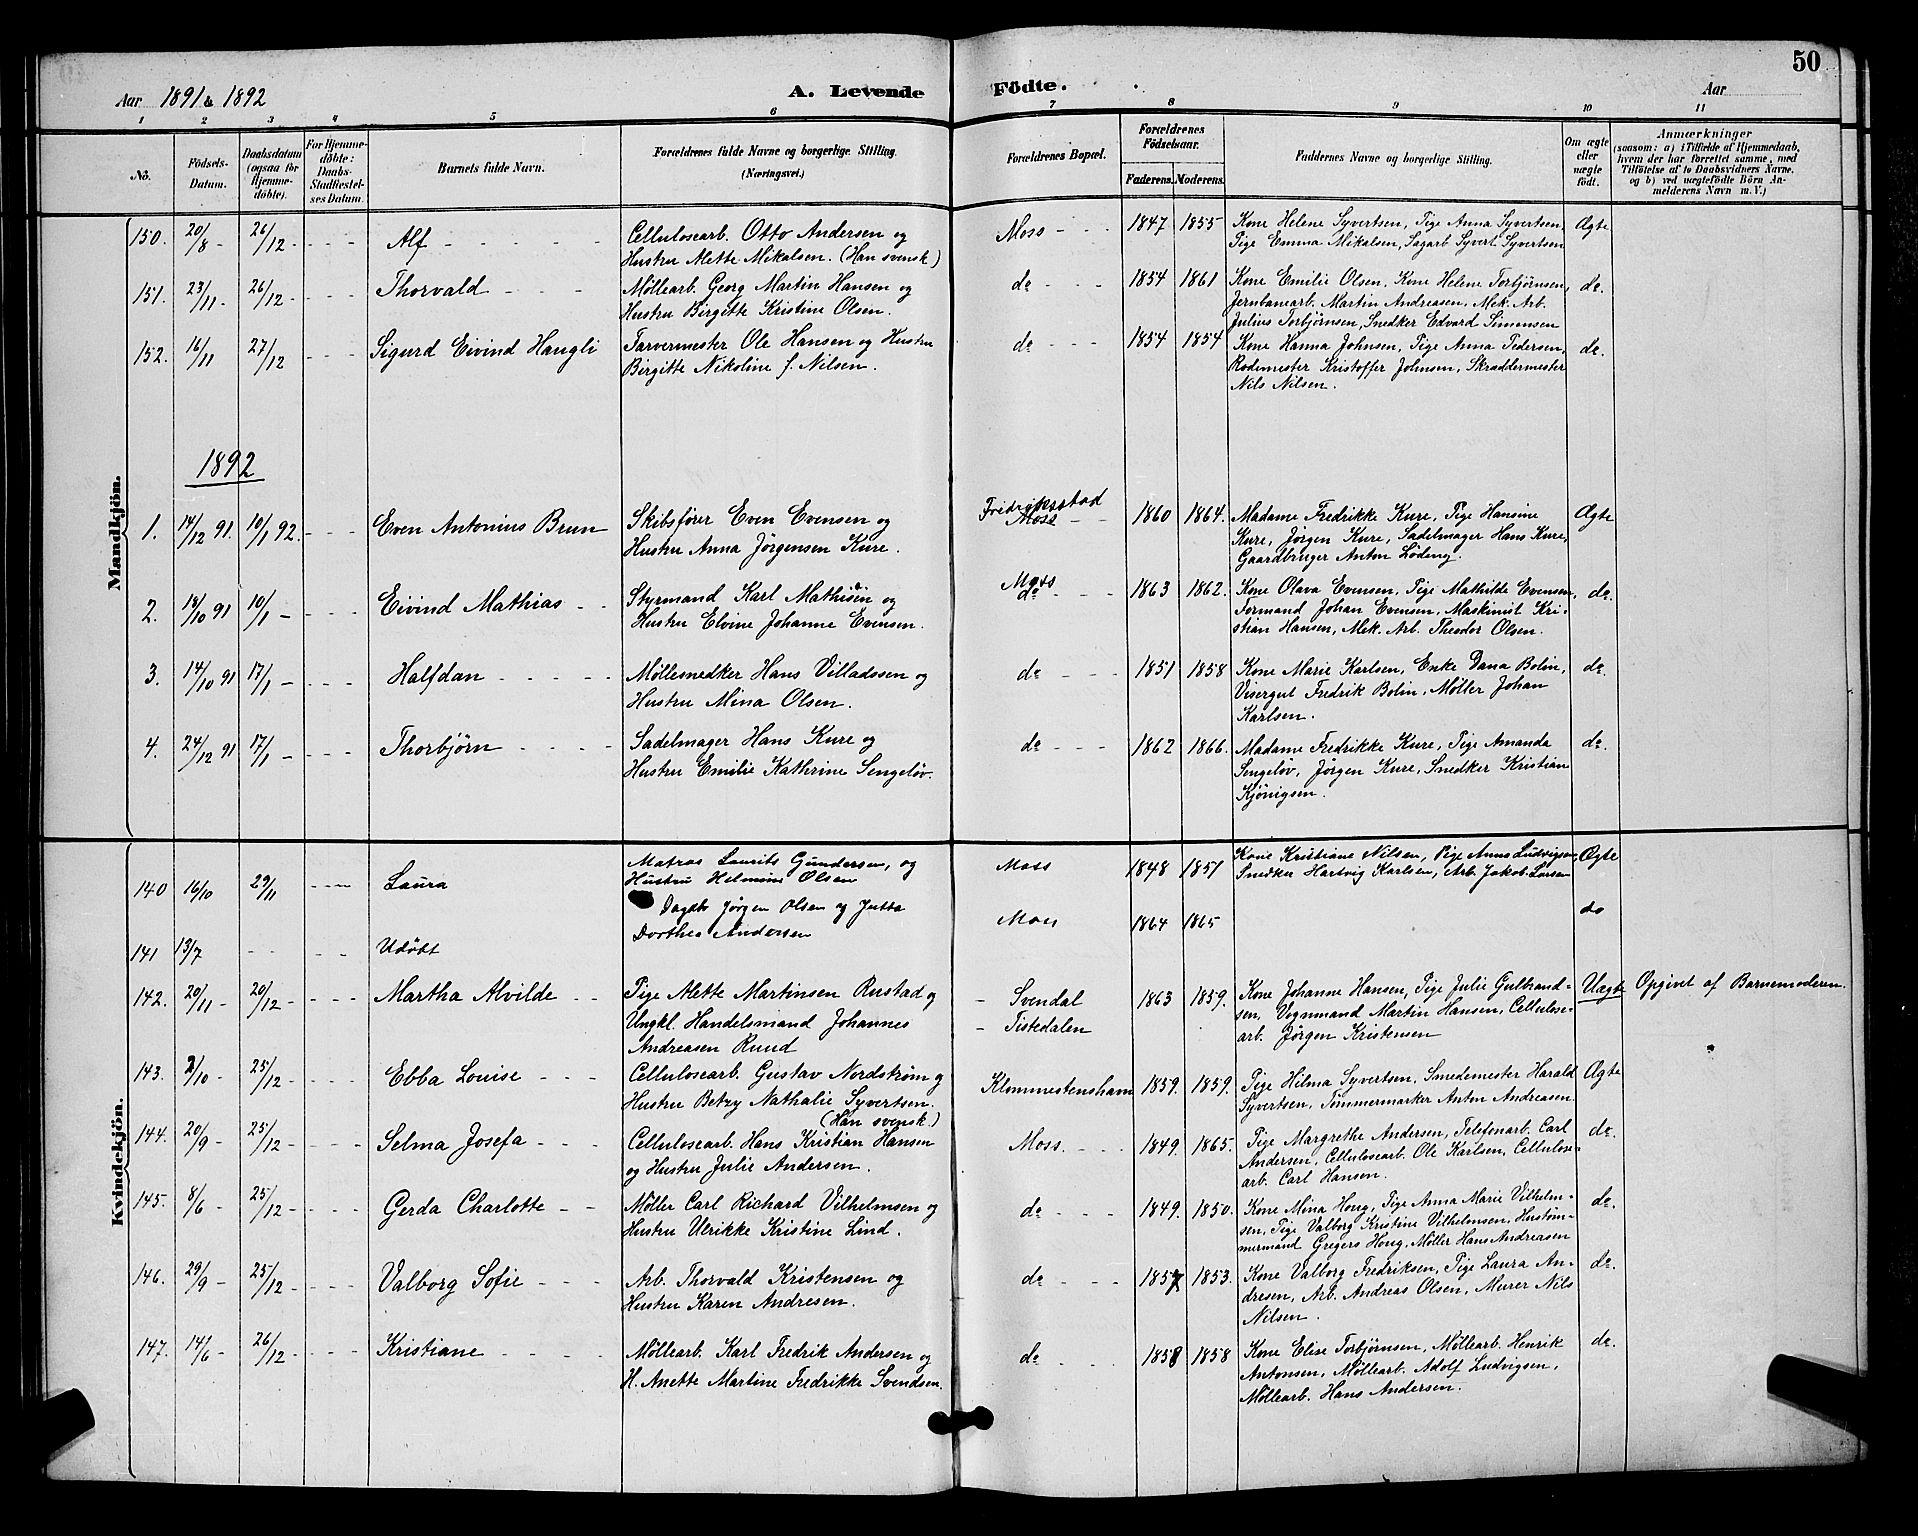 SAO, Moss prestekontor Kirkebøker, G/Ga/L0006: Klokkerbok nr. I 6, 1889-1900, s. 50